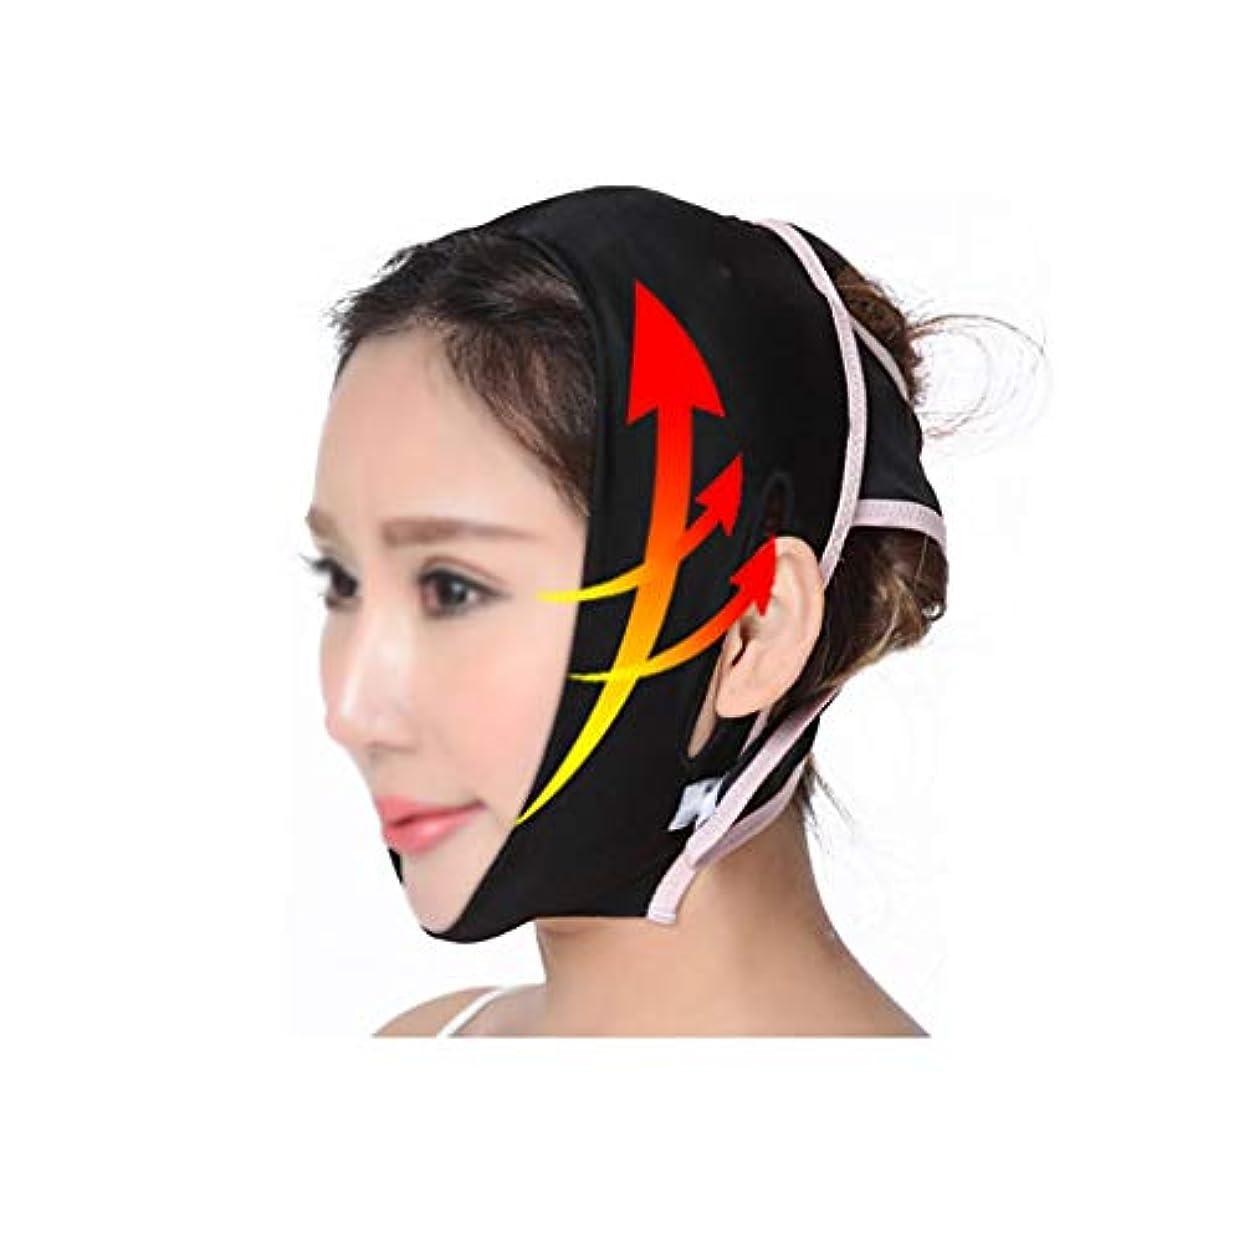 織る召喚するスキップGLJJQMY 薄い顔のマスクのマスクの睡眠の顔のプラスチック顔の包帯の顔の持ち上がるVの表面のアーチファクトの回復 ネックバンド 顔用整形マスク (Size : L)